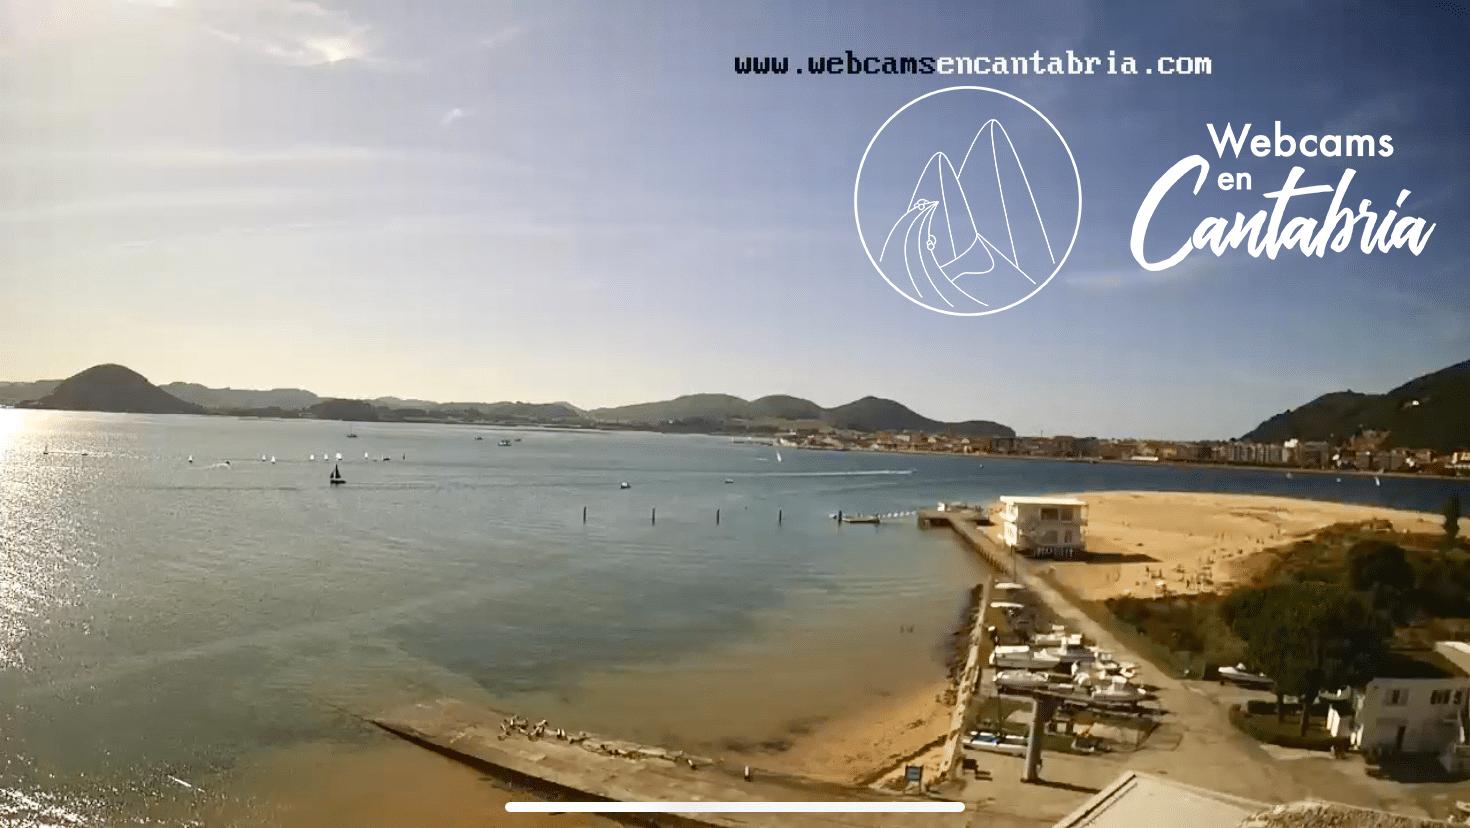 Marisma de Santoña, Victoria y Joyel desde el Puntal de Laredo, Cantabria.